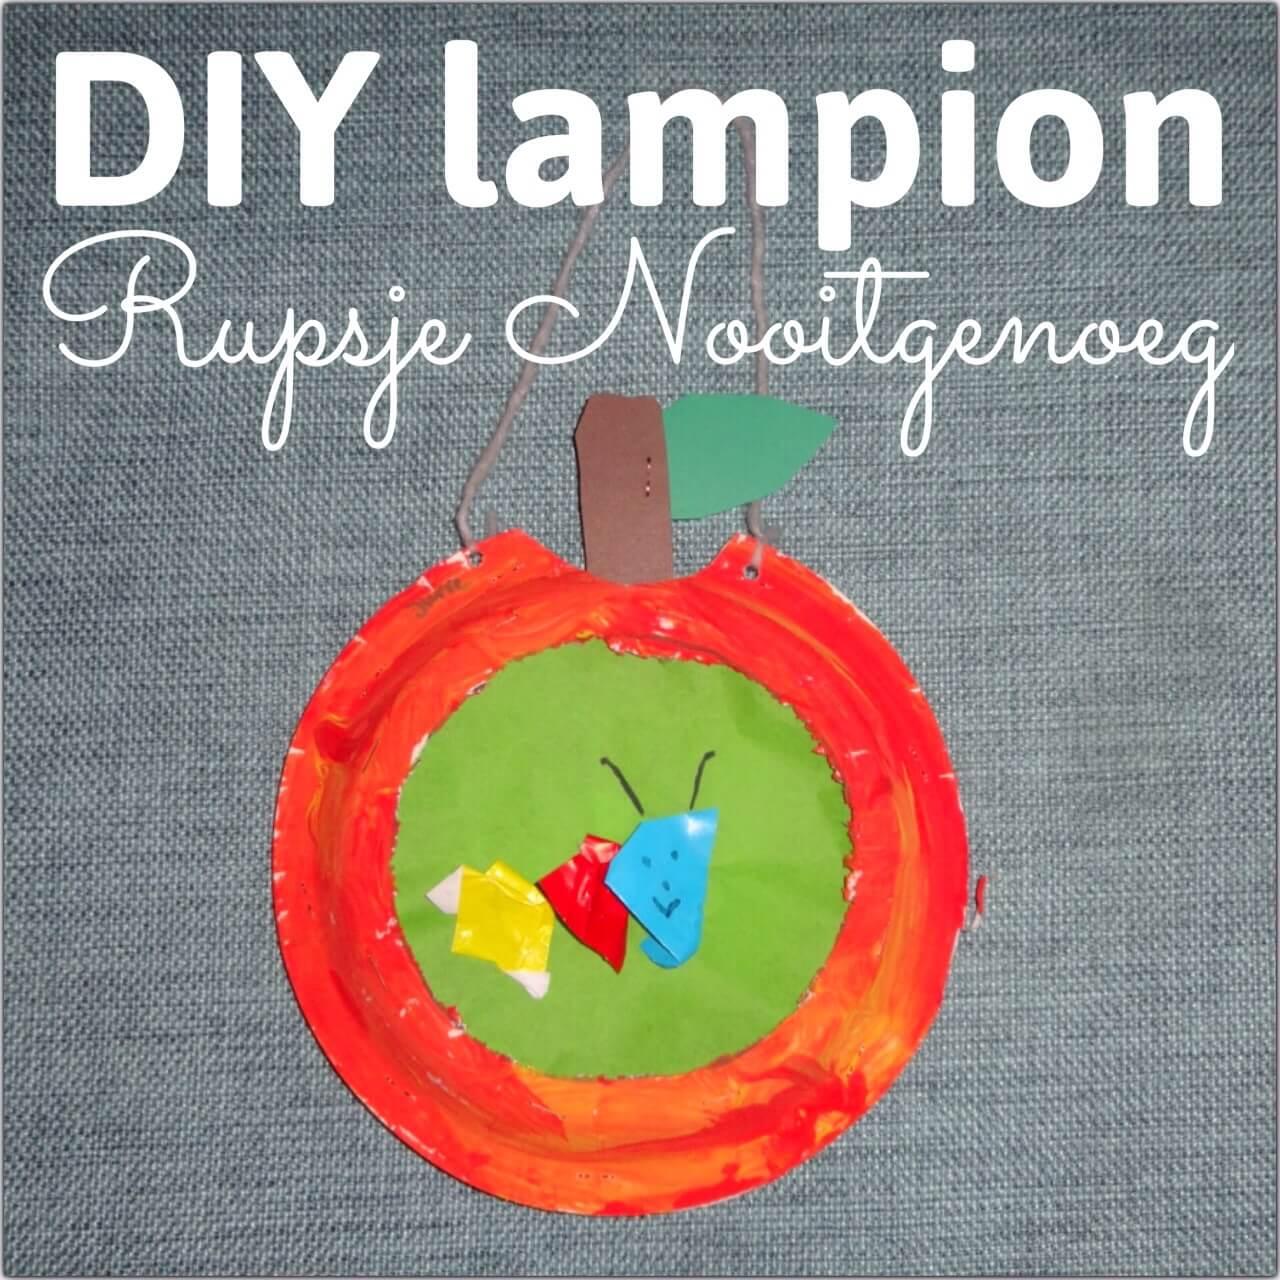 Mooie lantaarn of lampion voor Sint Maarten zelf maken Rupsje Nooitgenoeg knutselen - caterpillar lantern crafting diy